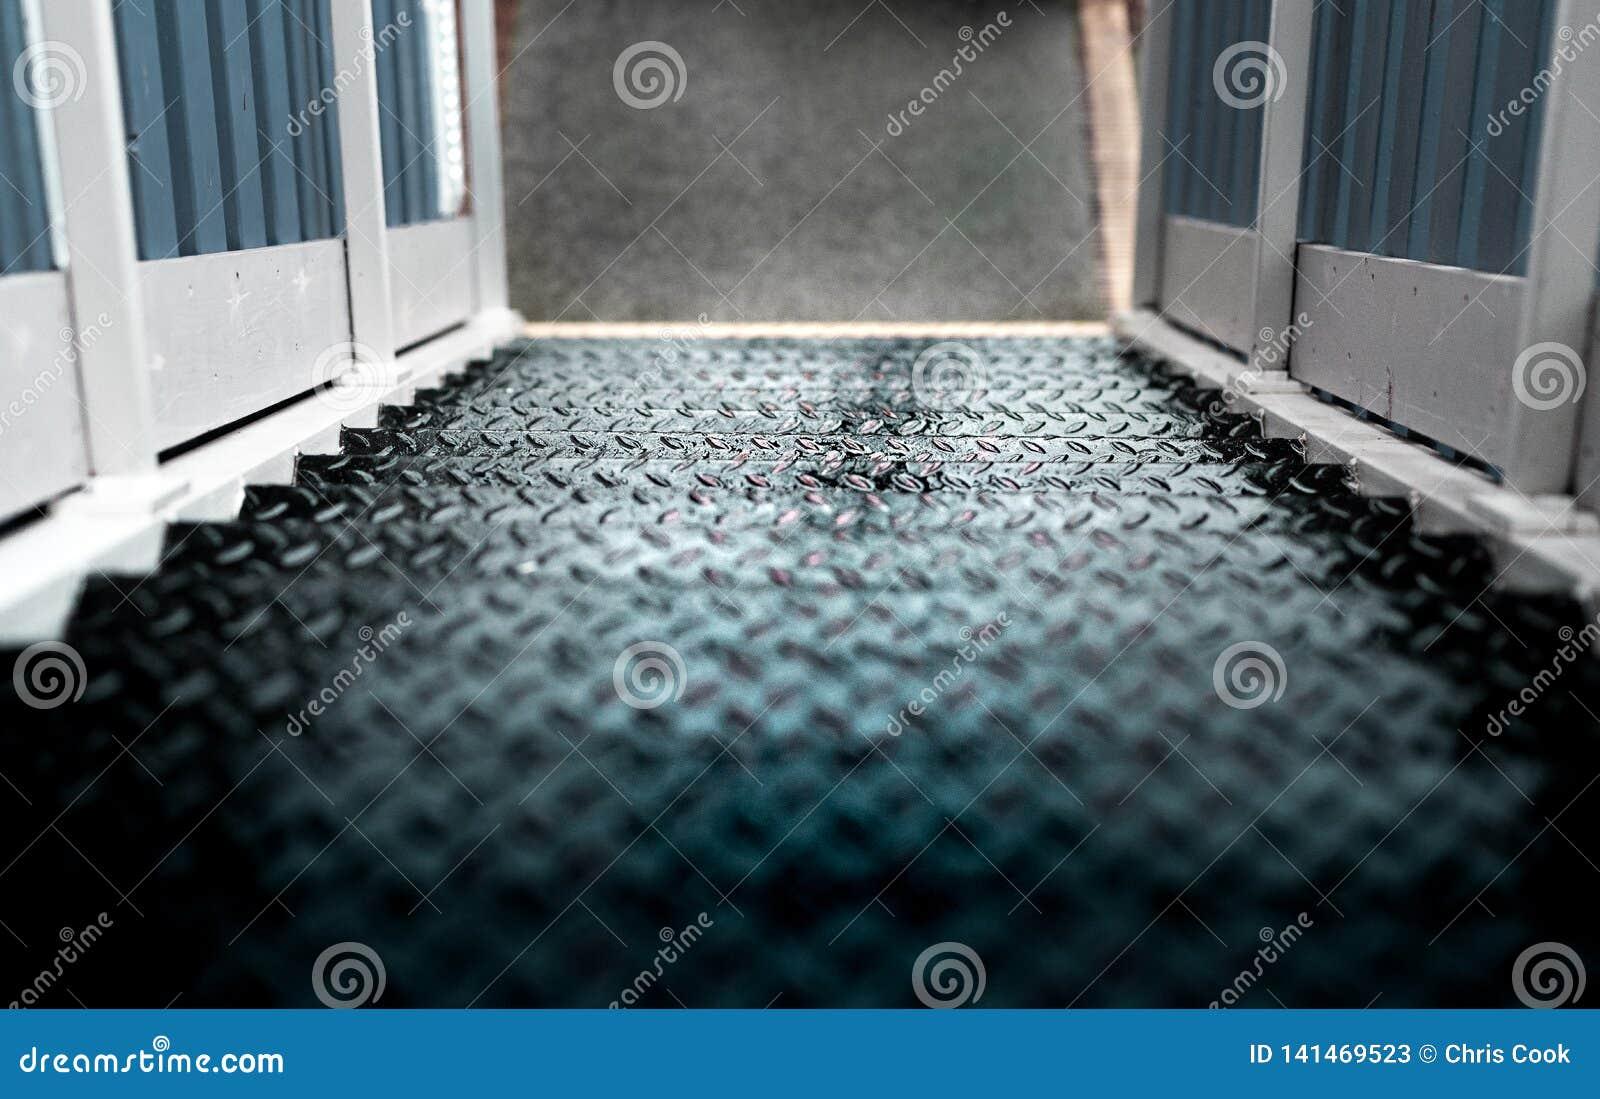 Algunos pasos mojados peligrosos del metal con una verja de madera blanca